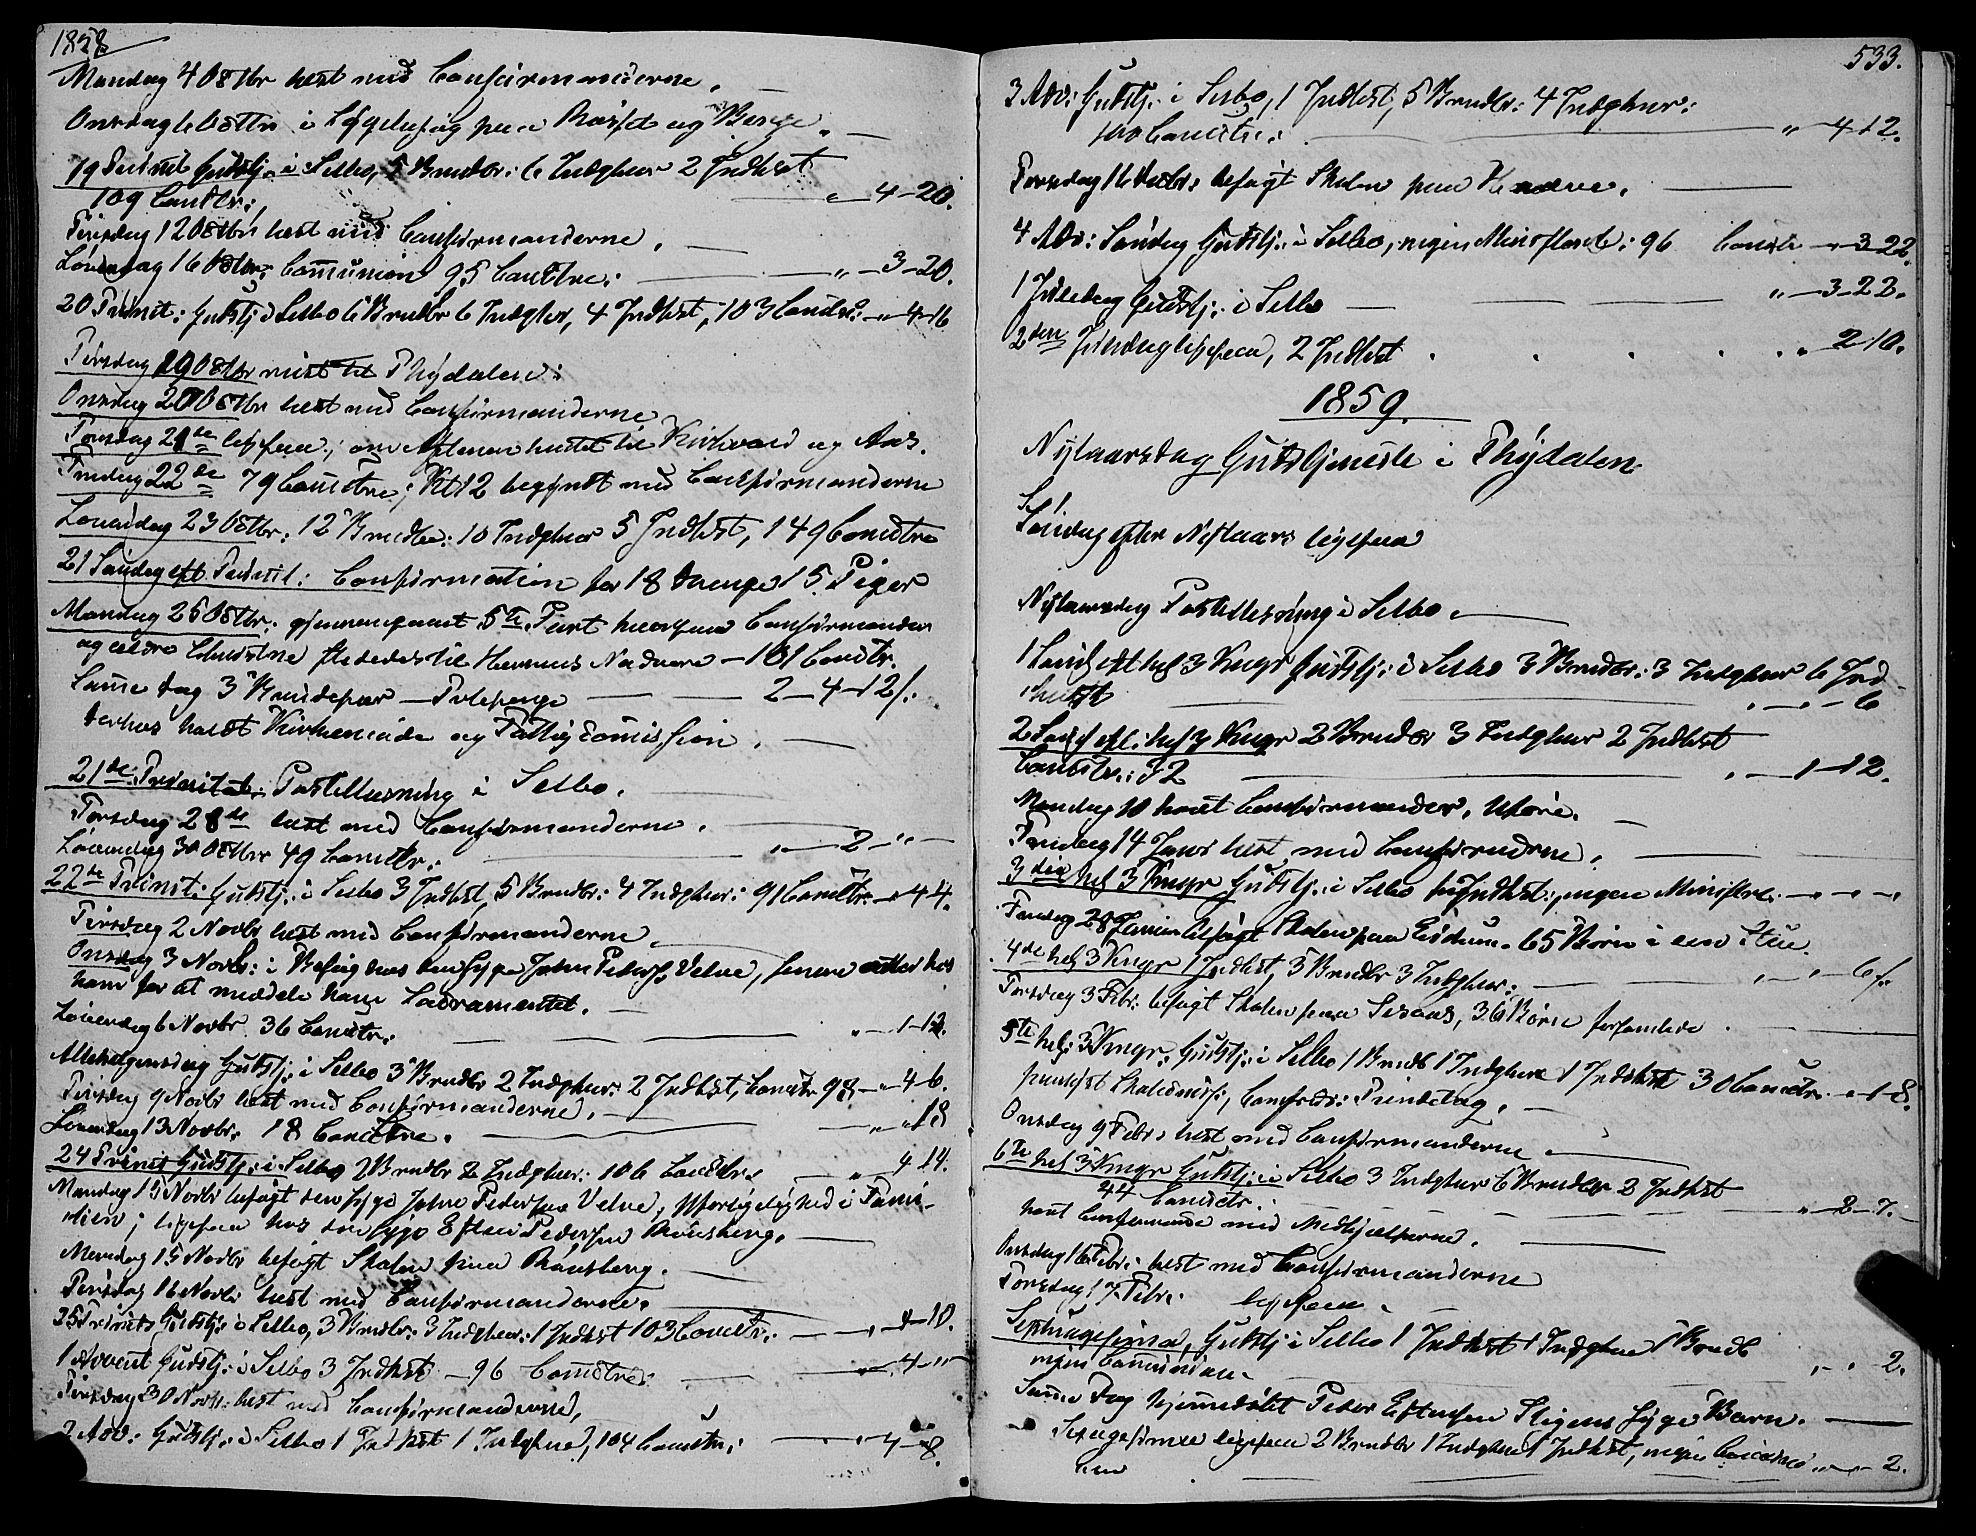 SAT, Ministerialprotokoller, klokkerbøker og fødselsregistre - Sør-Trøndelag, 695/L1145: Ministerialbok nr. 695A06 /1, 1843-1859, s. 533